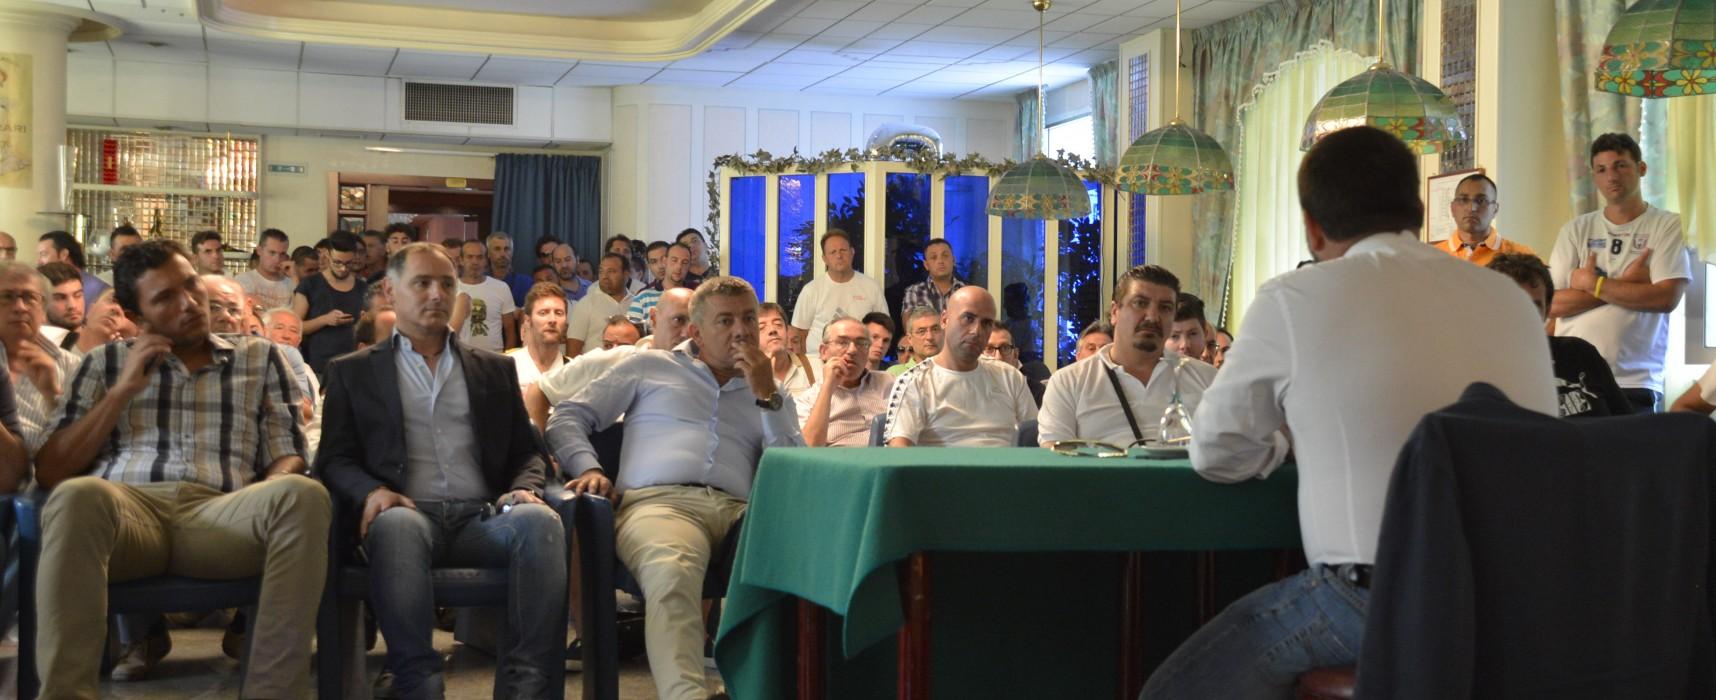 Rumors Bisceglie: Canonico resta? Pronto mister De Luca